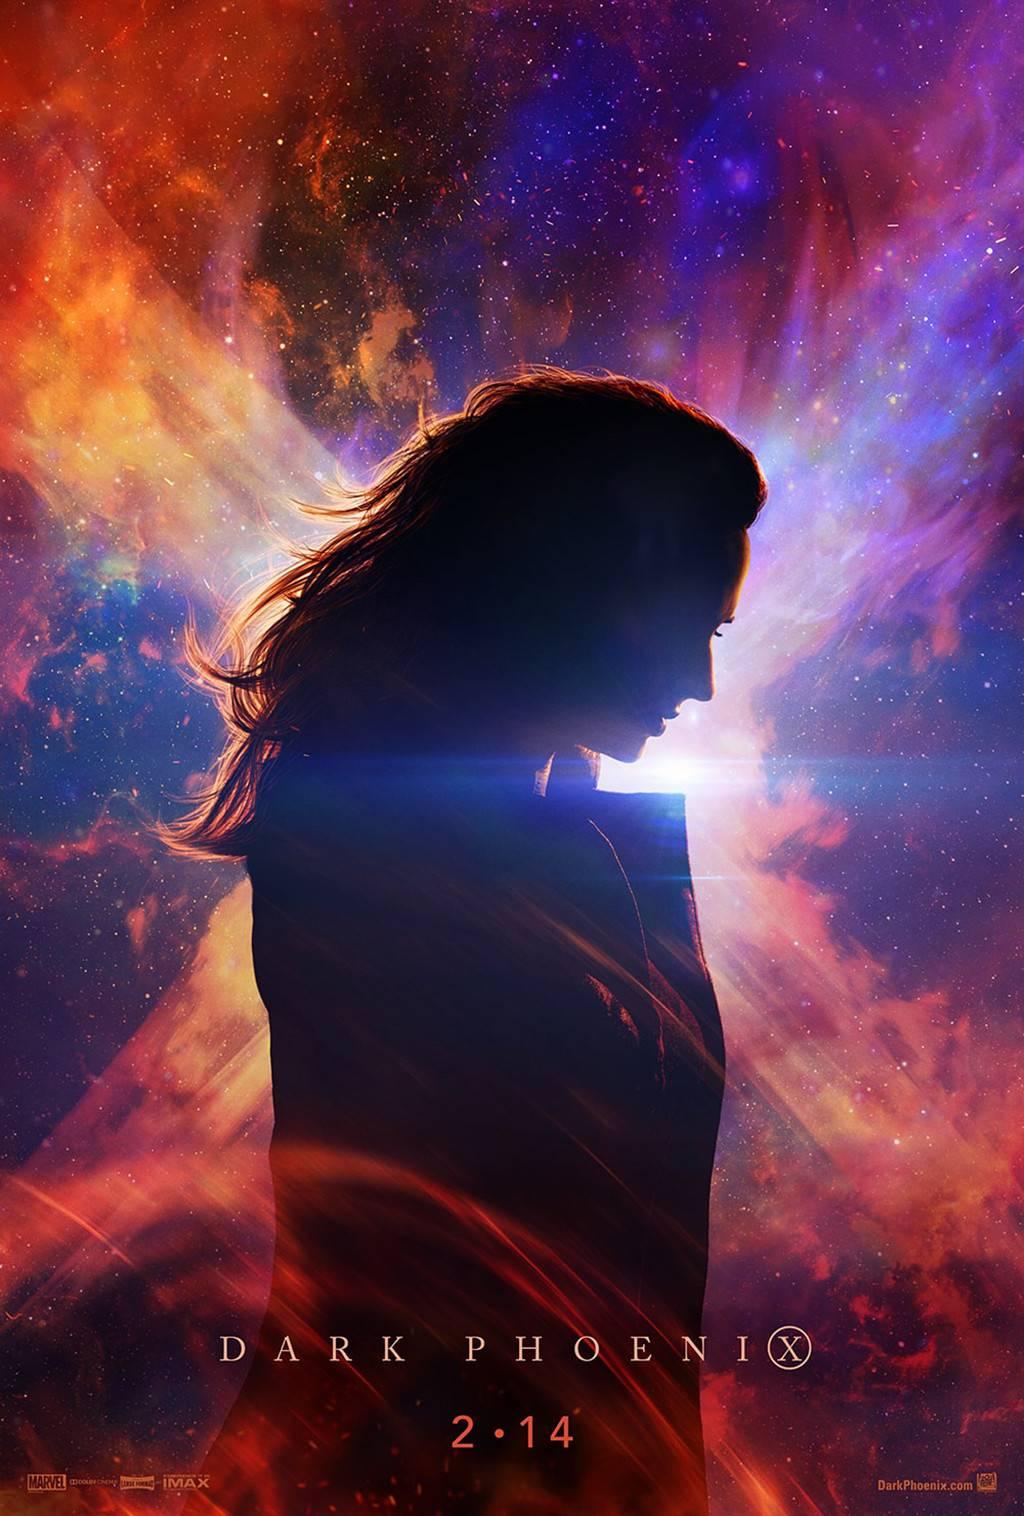 The First X-MEN: Dark Phoenix Trailer Has Arrived — WATCH 6